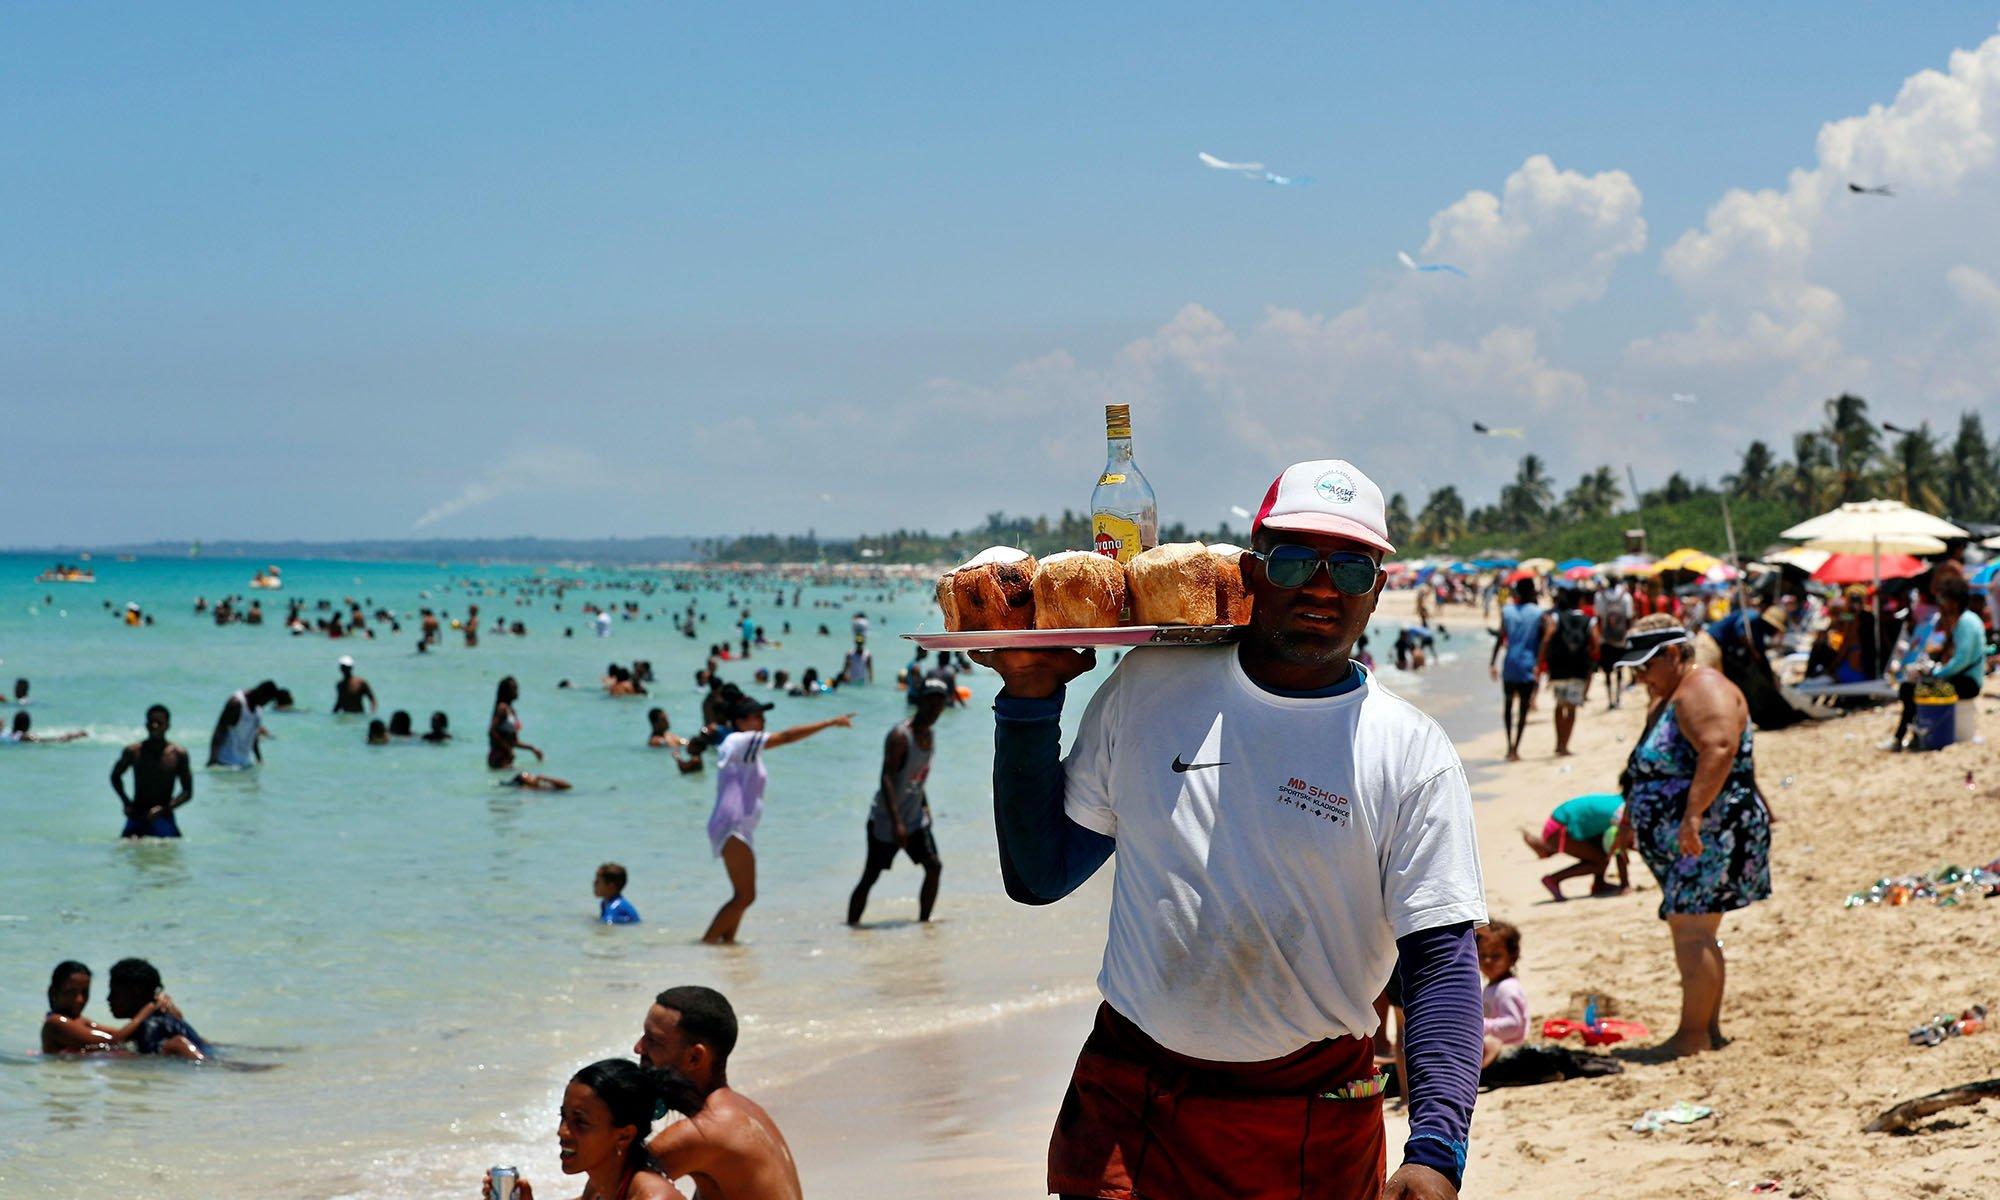 Un hombre vende agua de coco con ron a los bañistas en una playa del litoral norte de La Habana este verano. Foto: Ernesto Mastrascusa / EFE.